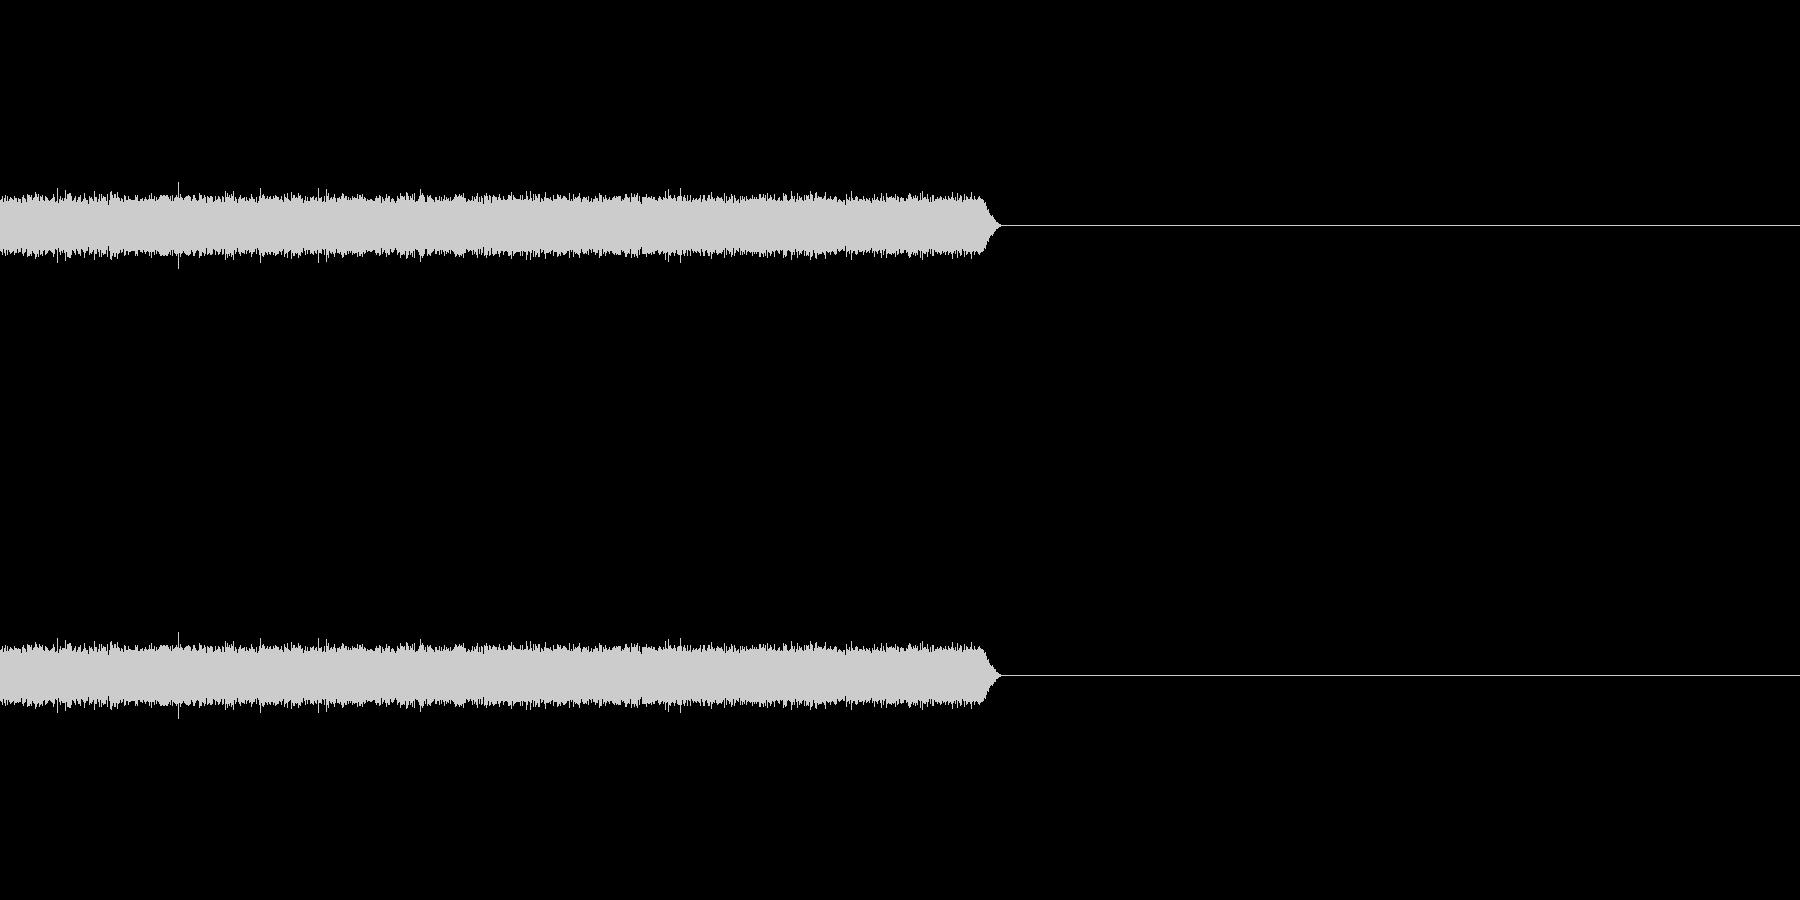 【ホワイトノイズ-2】の未再生の波形